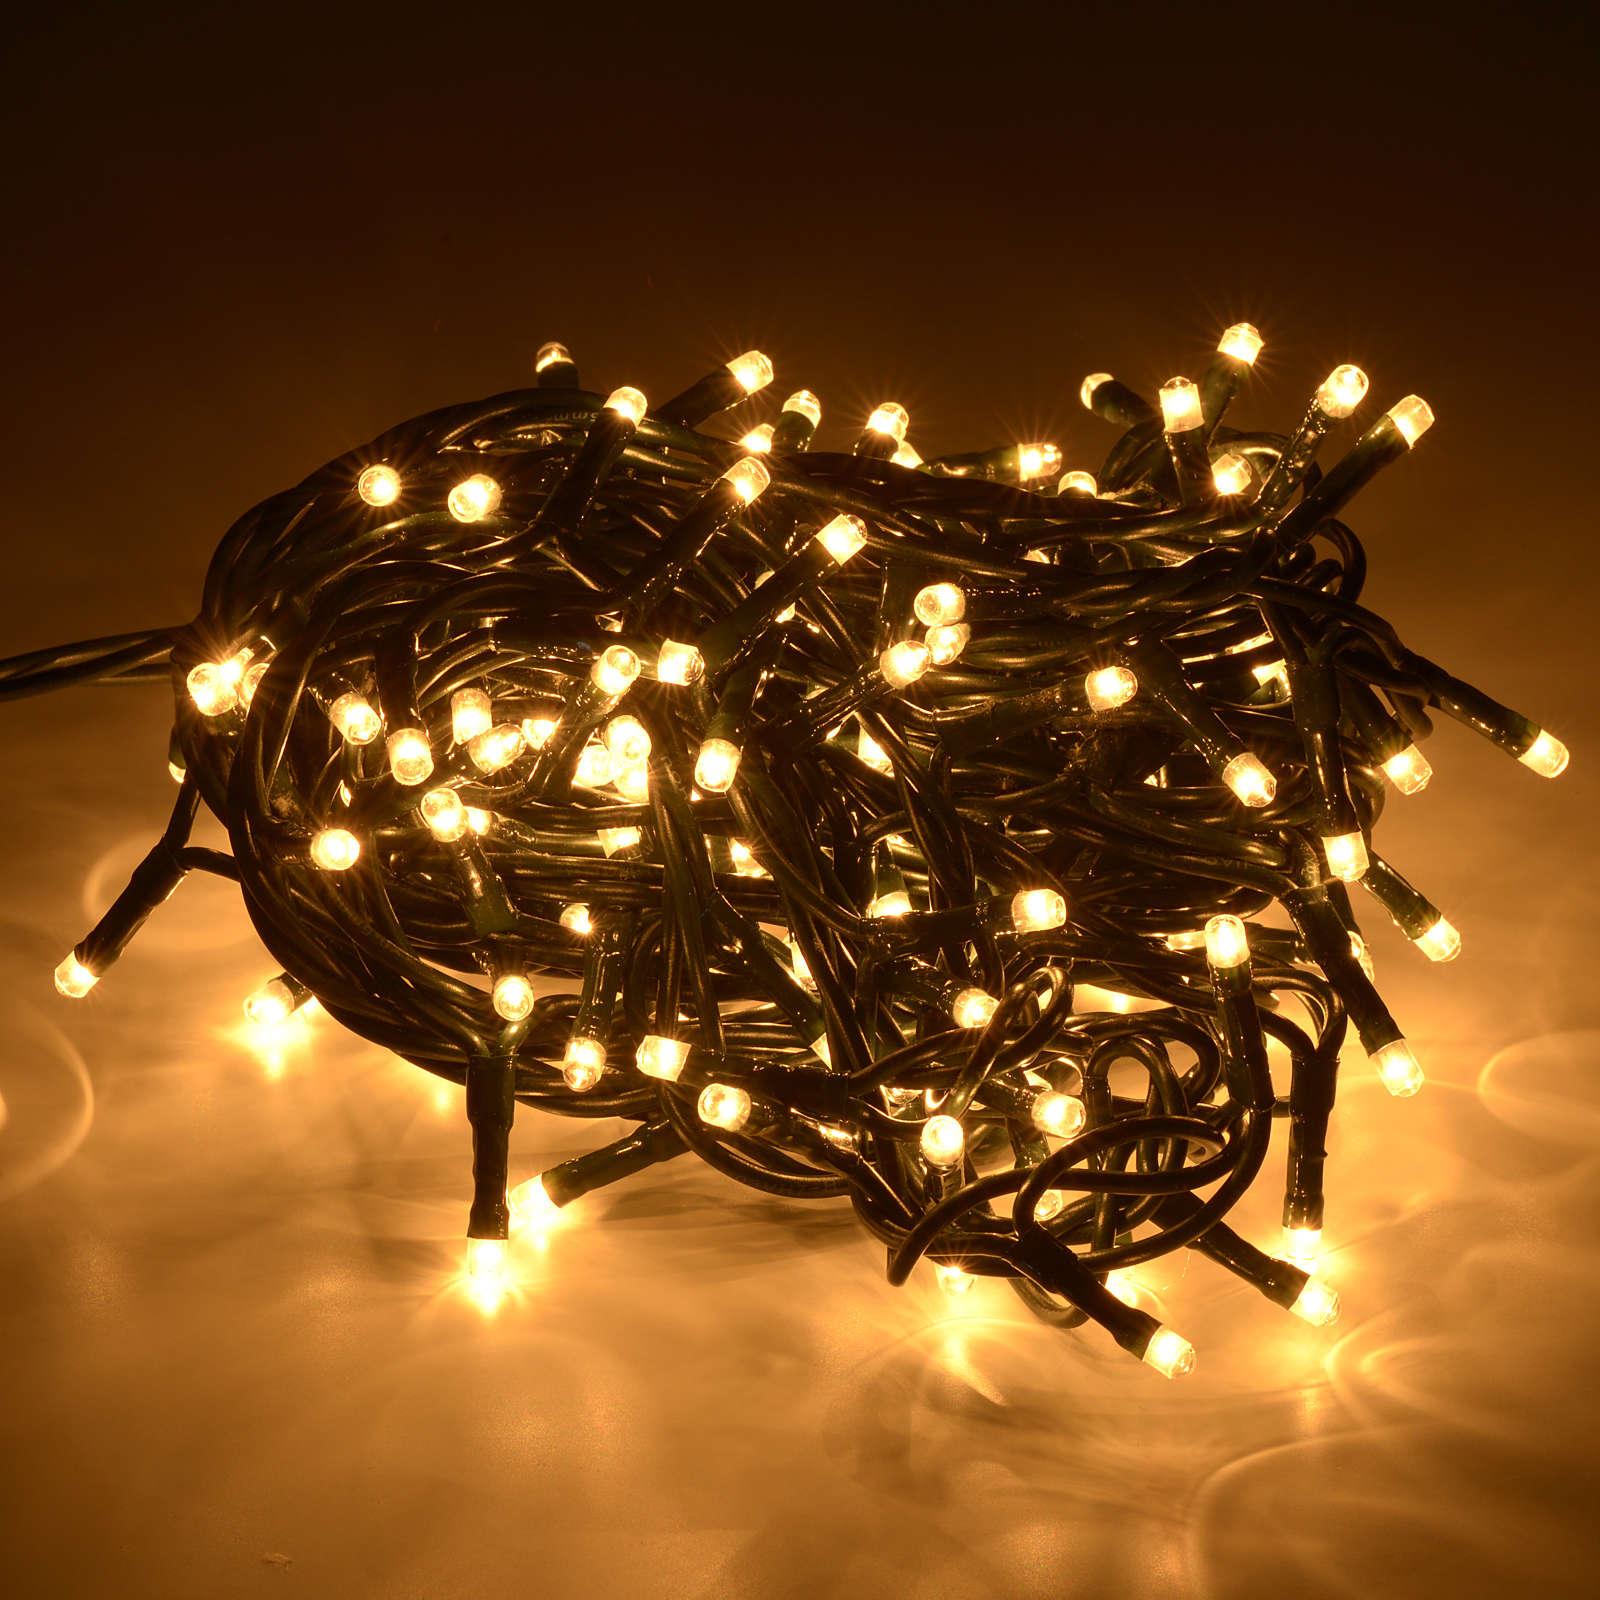 Luce Natale 180 minilucciole bianche chiare per interni 3